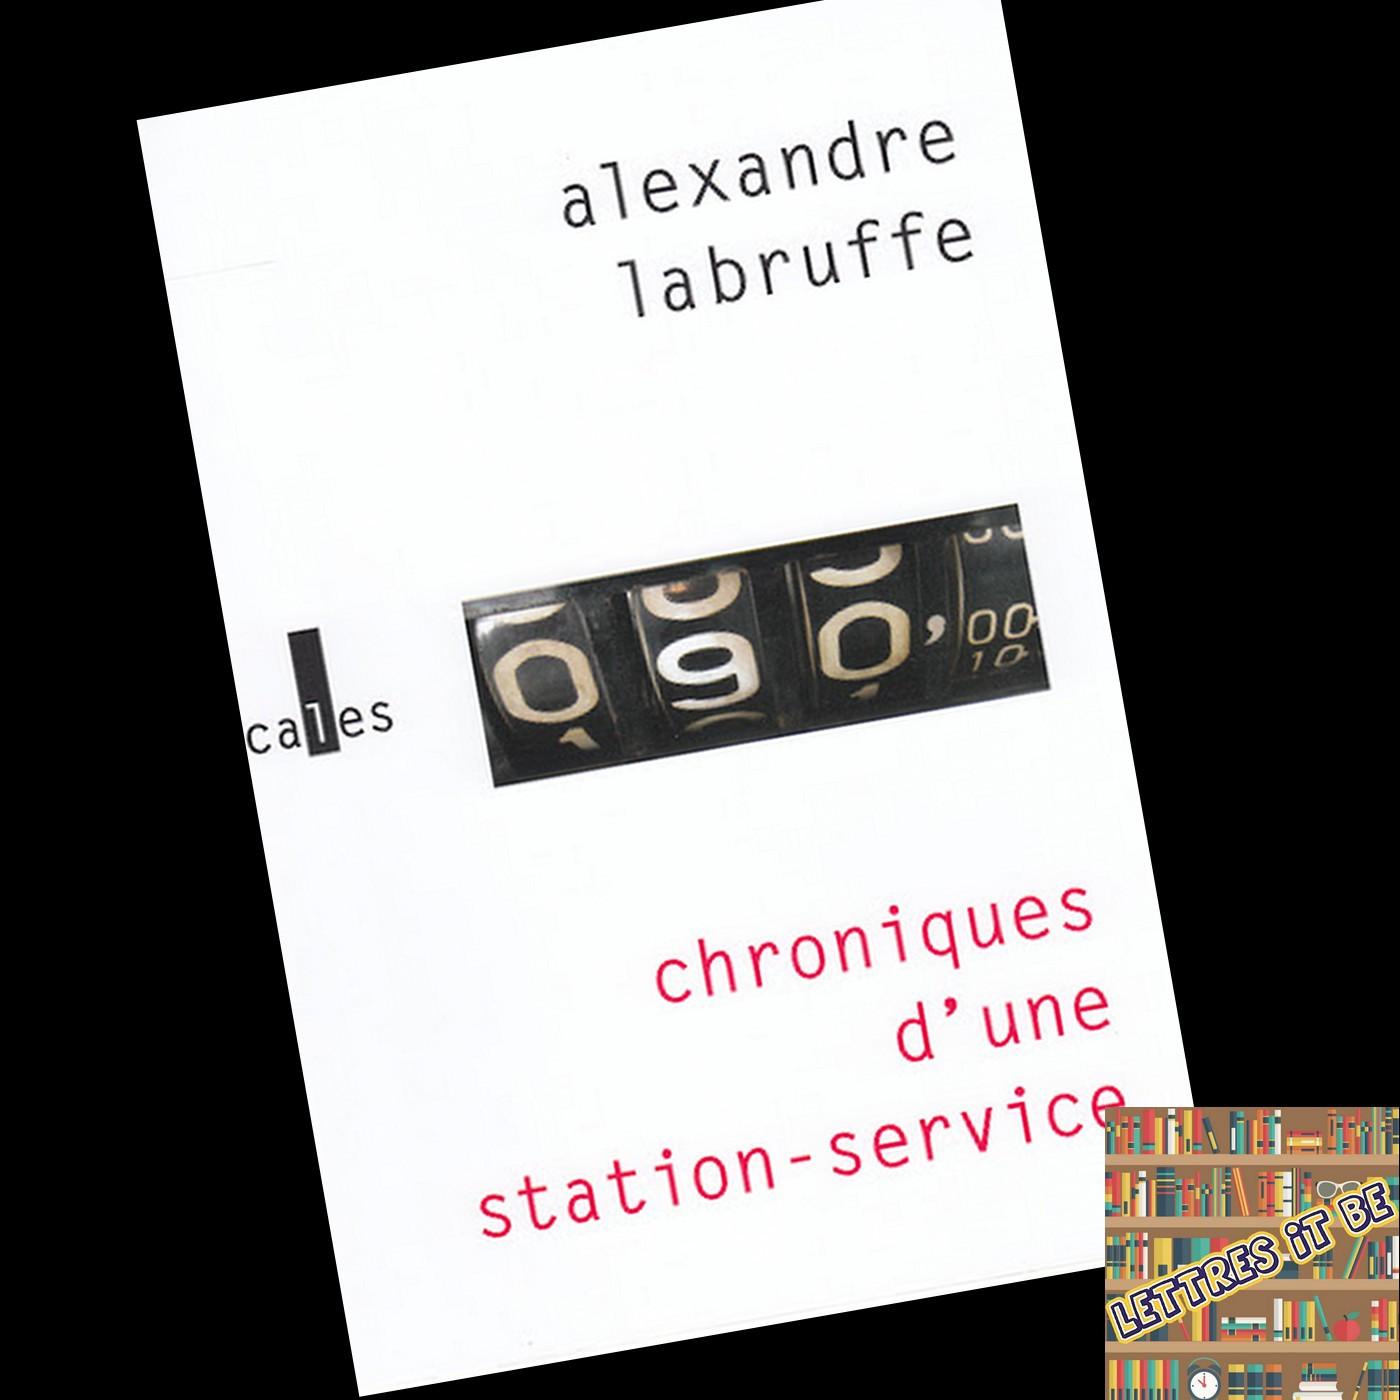 Critique de Chroniques d'une station-service d'Alexandre Labruffe (Livre)